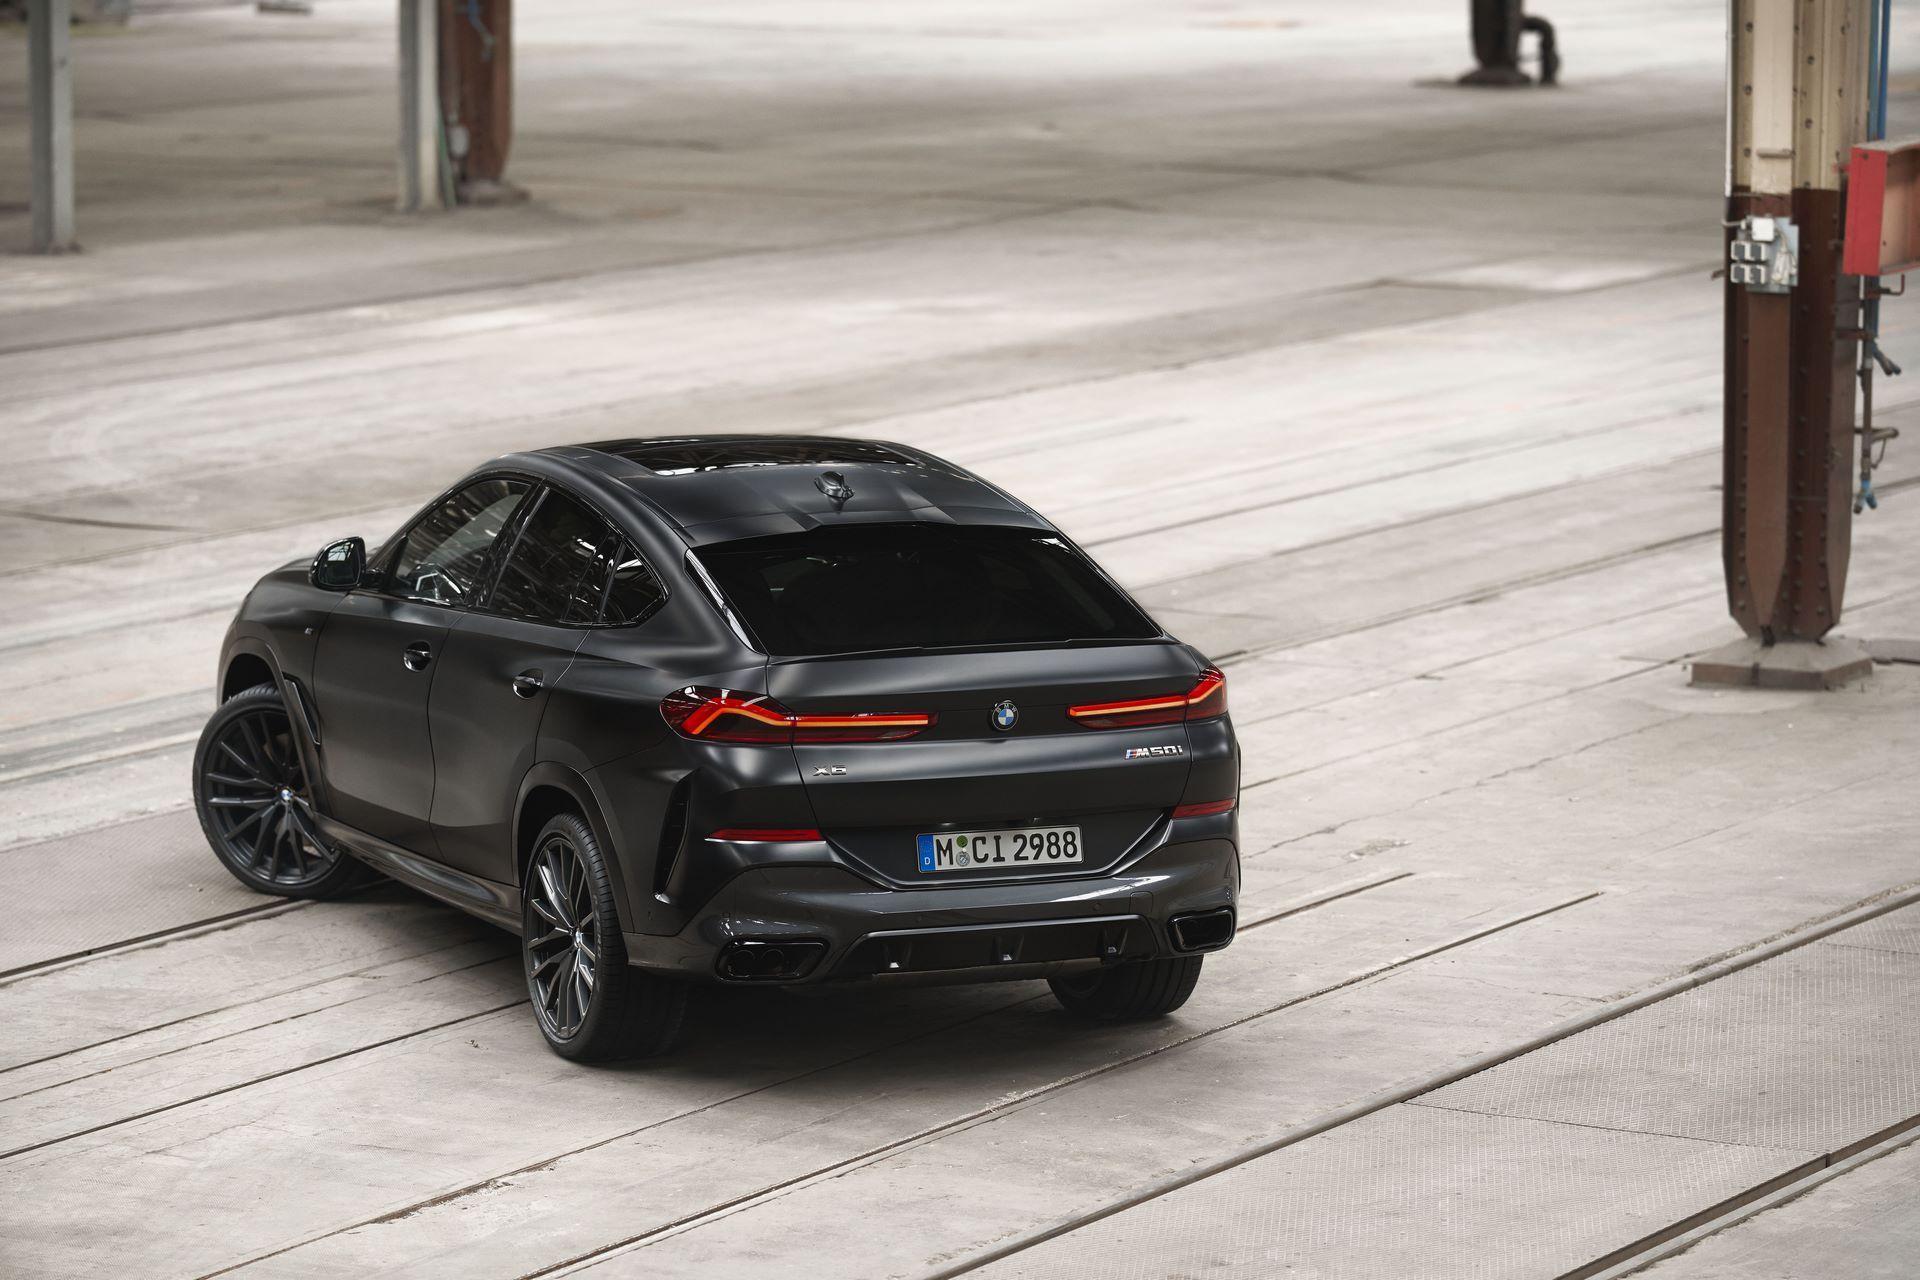 BMW-X5-Χ6-Black-Vermilion-X7-Limited-Edition-29